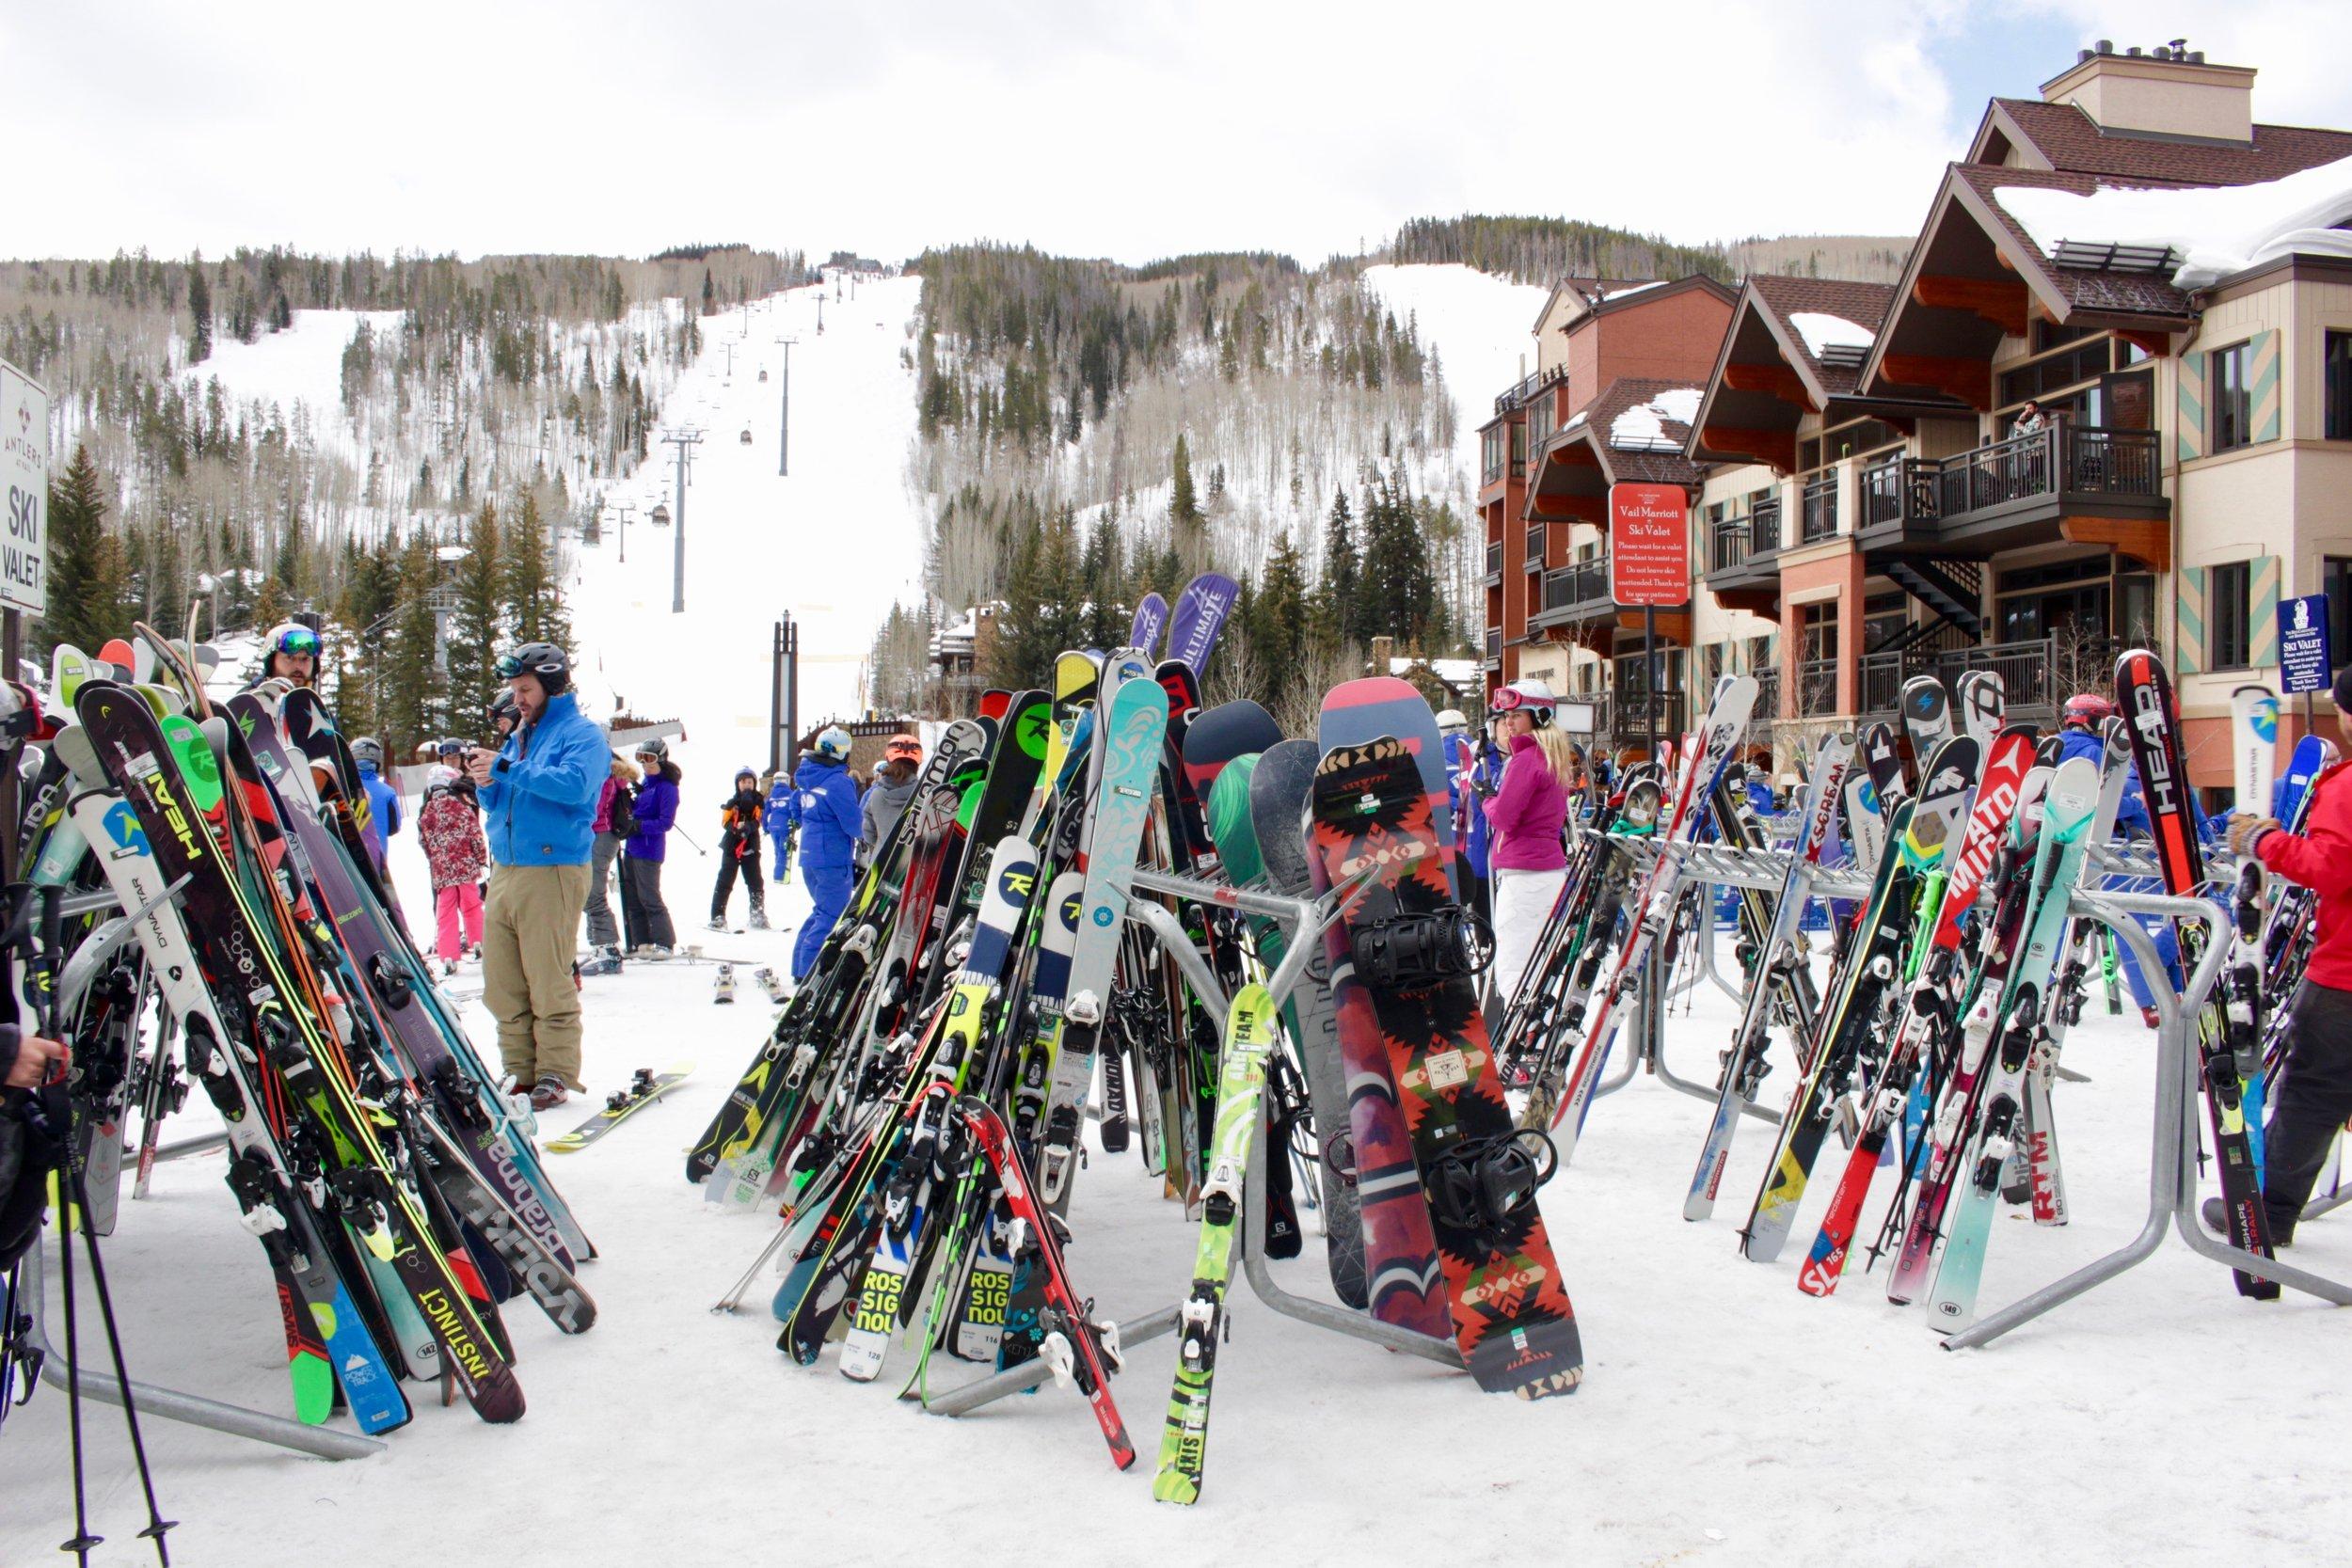 skiing-in-vail-2017-postcards.jpg